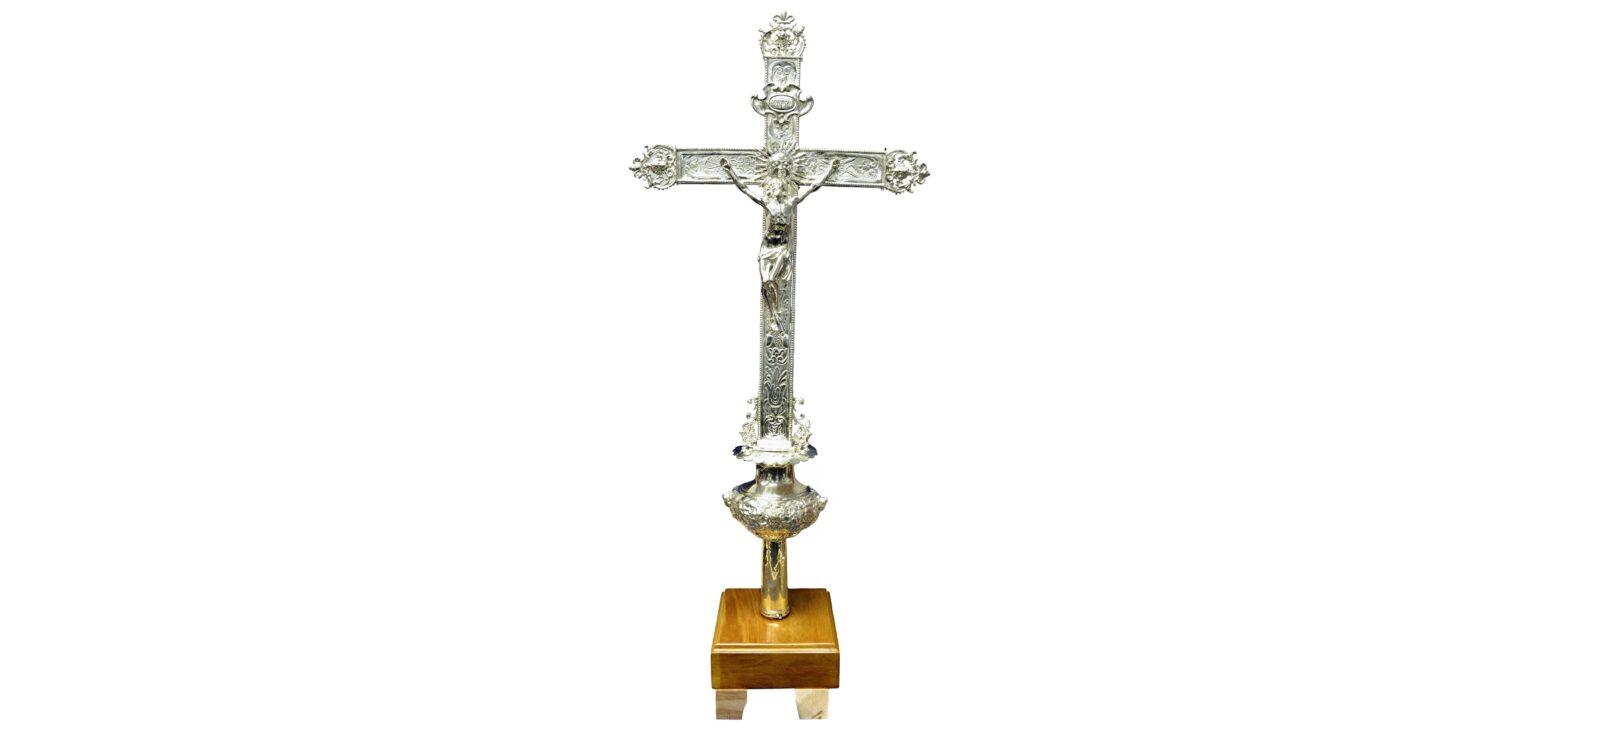 Grâce à une mobilisation exemplaire, la croix de procession de Mgr de Laval a retrouvé son lustre d'antan